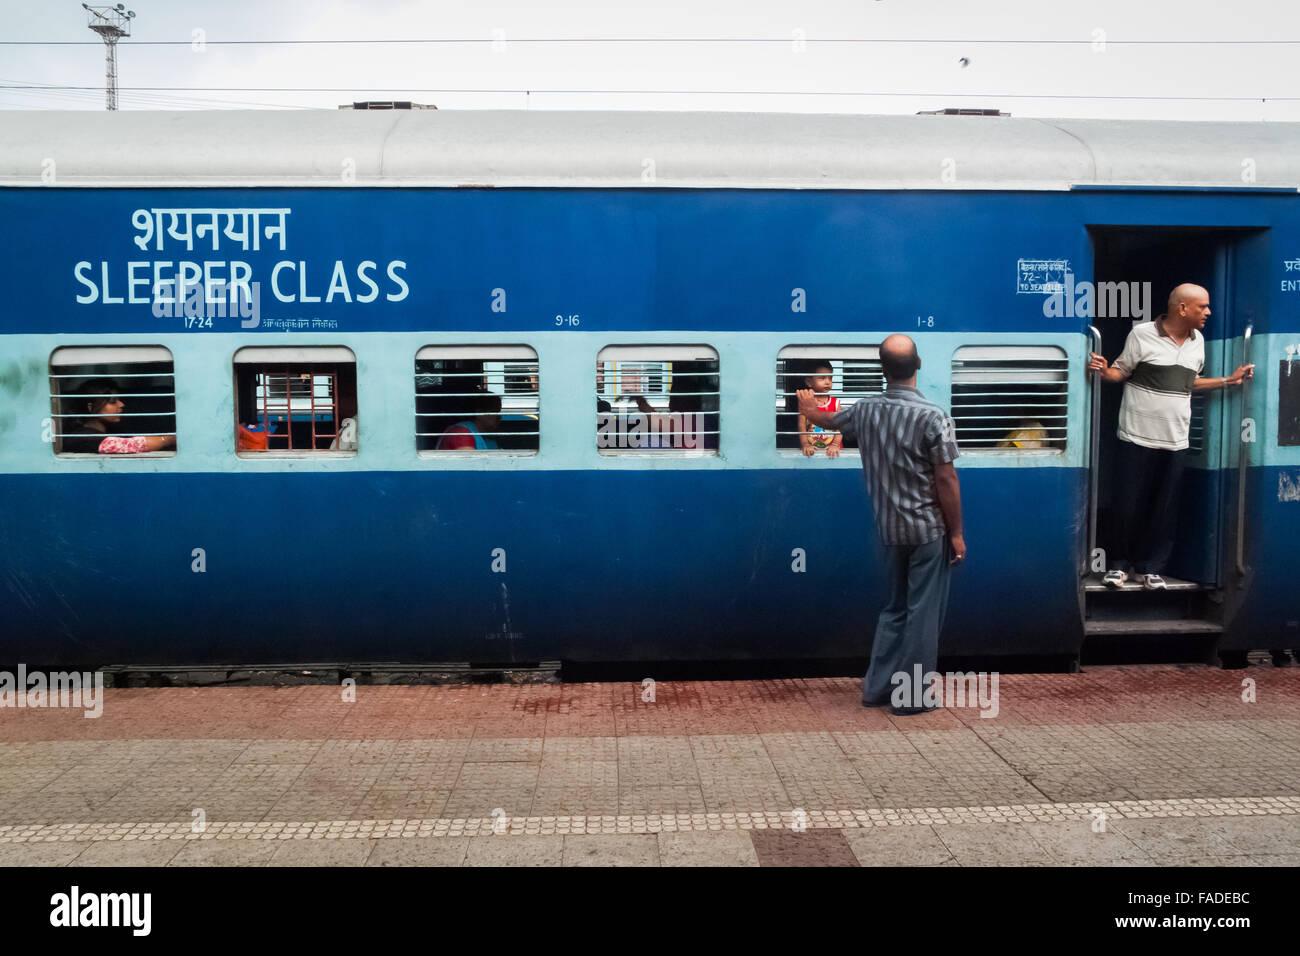 Les gens à l'extérieur de la classe voiture-lits de l'Inde un service ferroviaire. Photo Stock